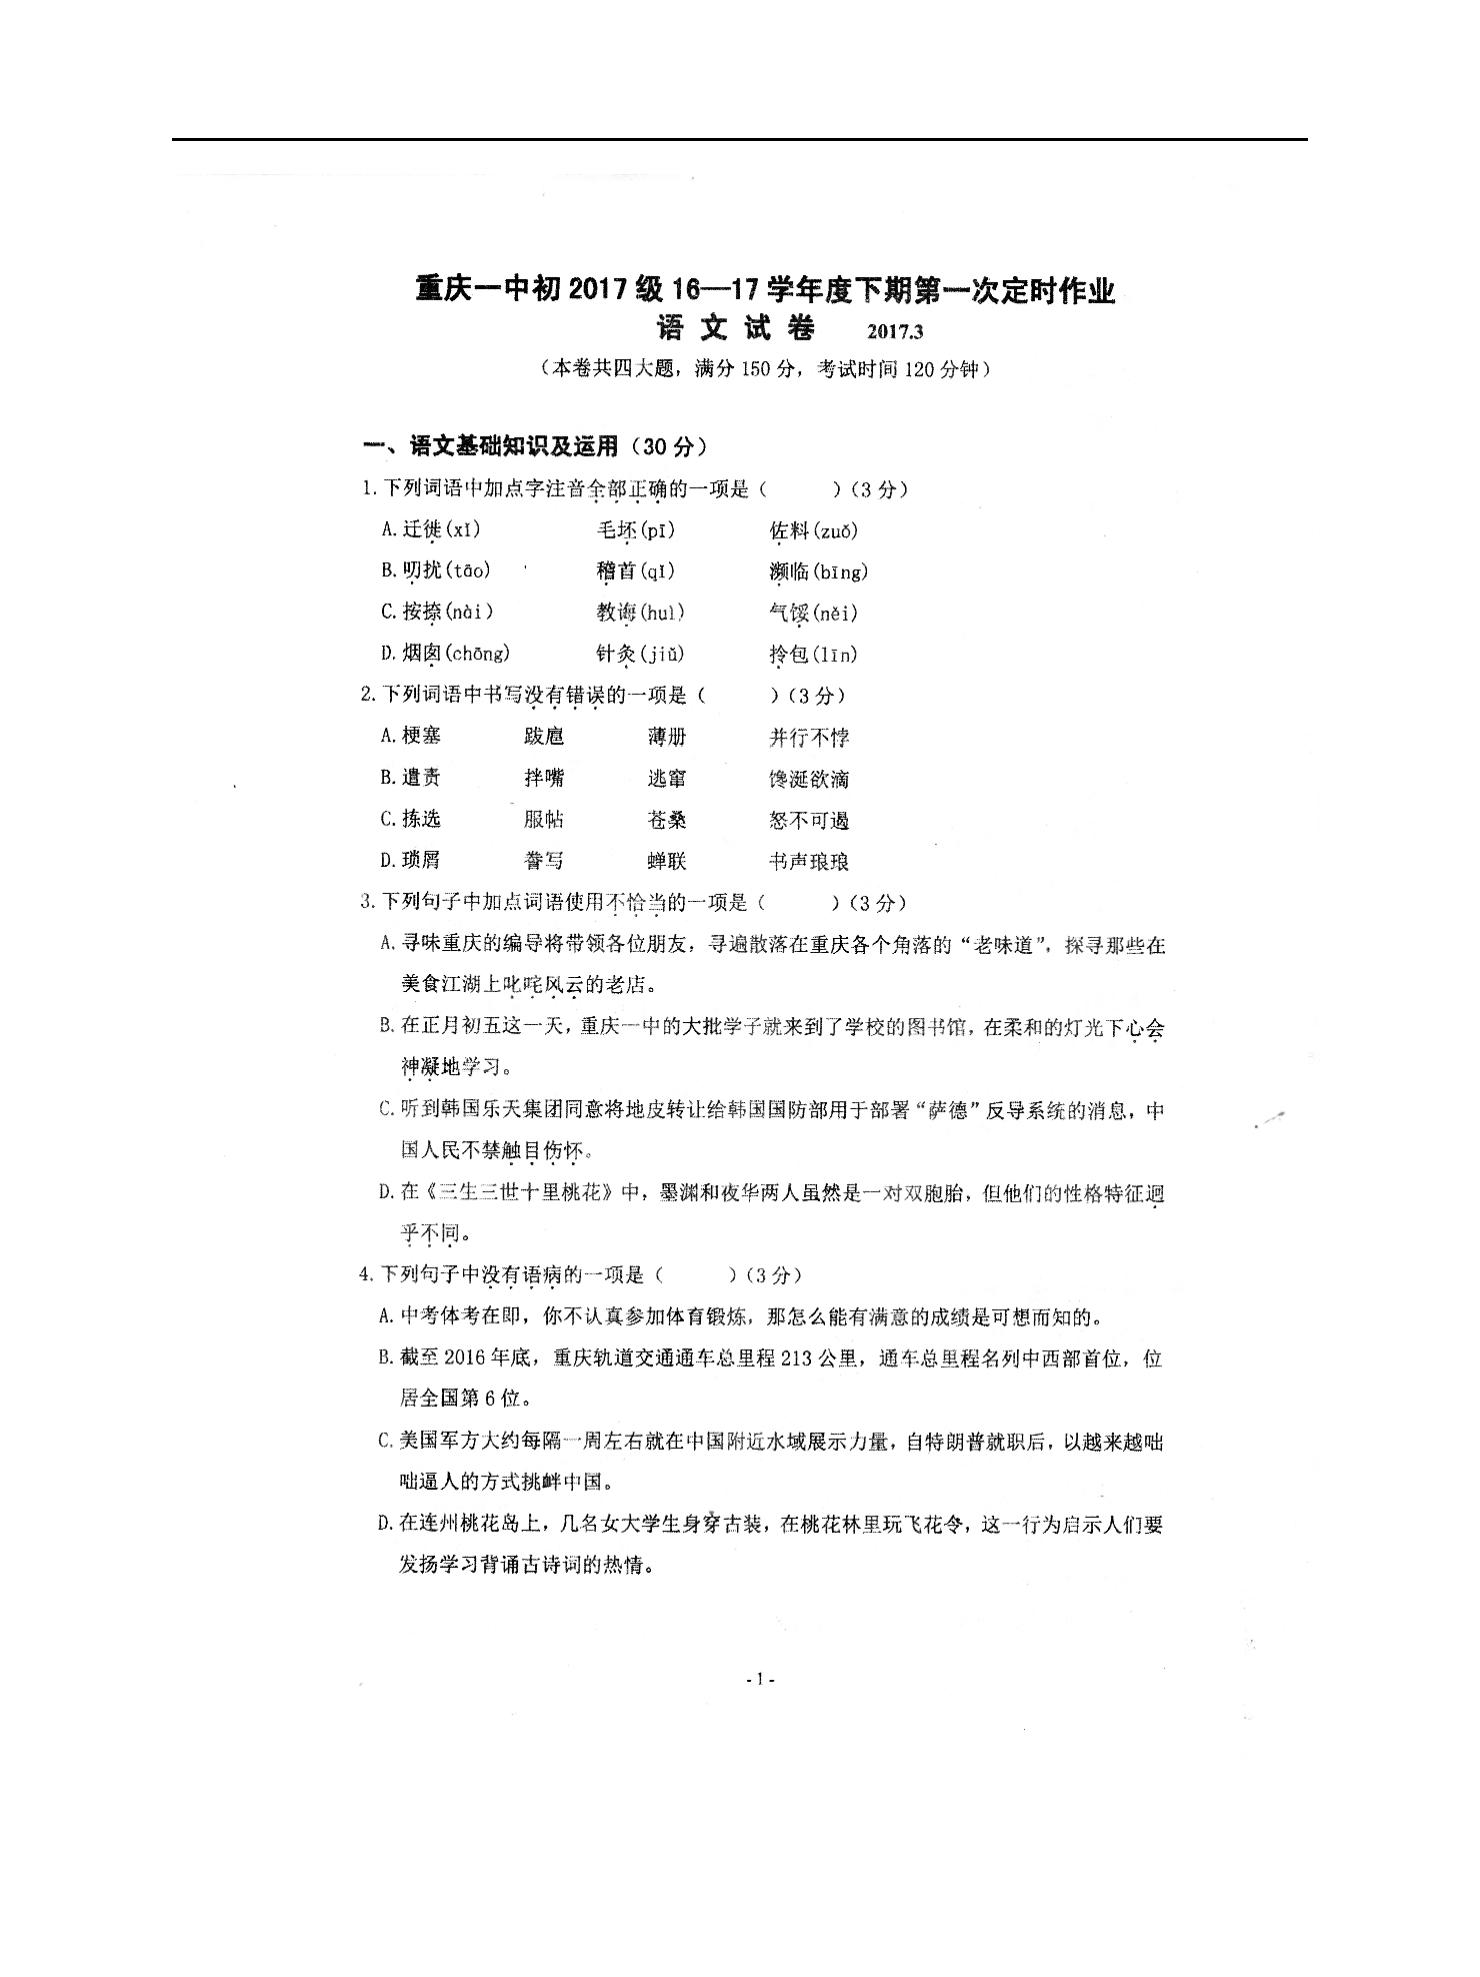 重庆第一中学2017九年级3月定时作业语文试题(图片版)